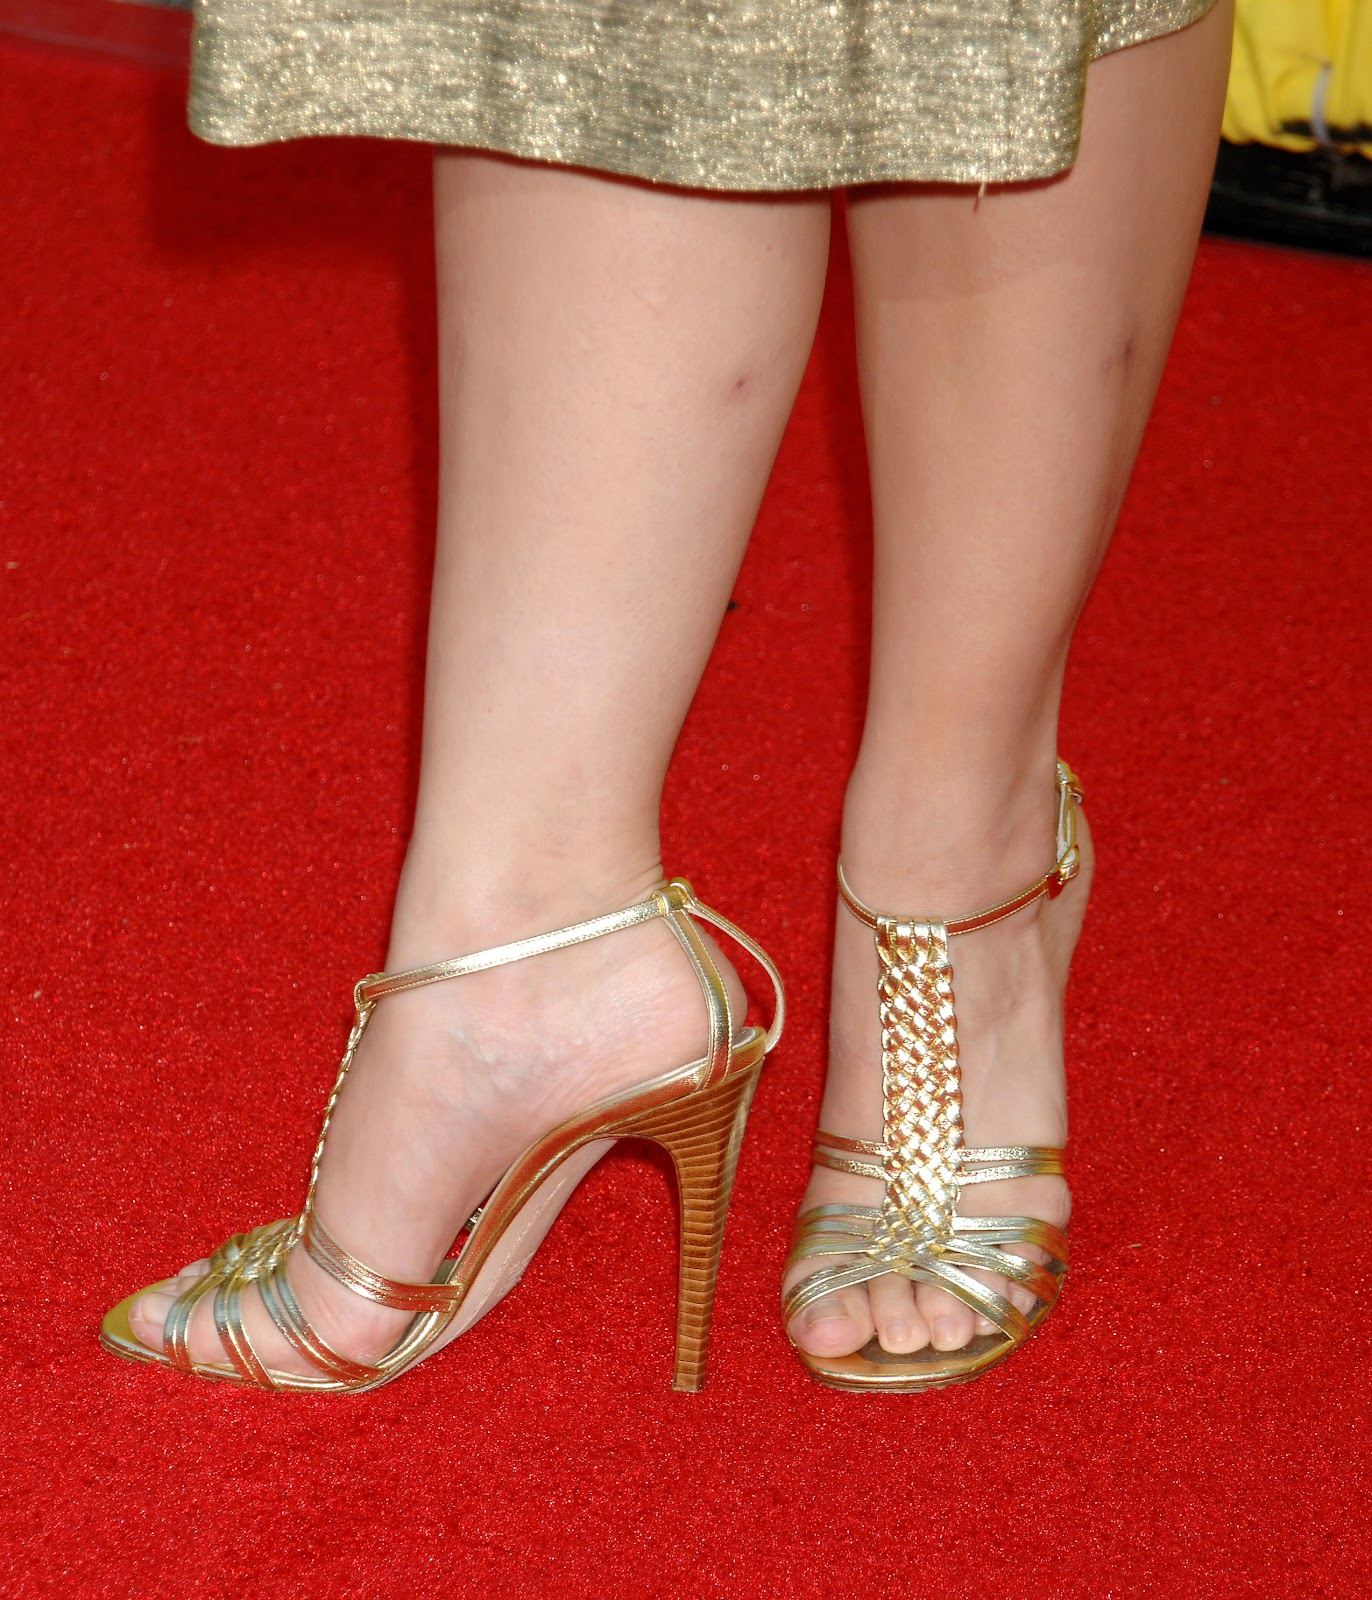 Teen Feet Vid 35